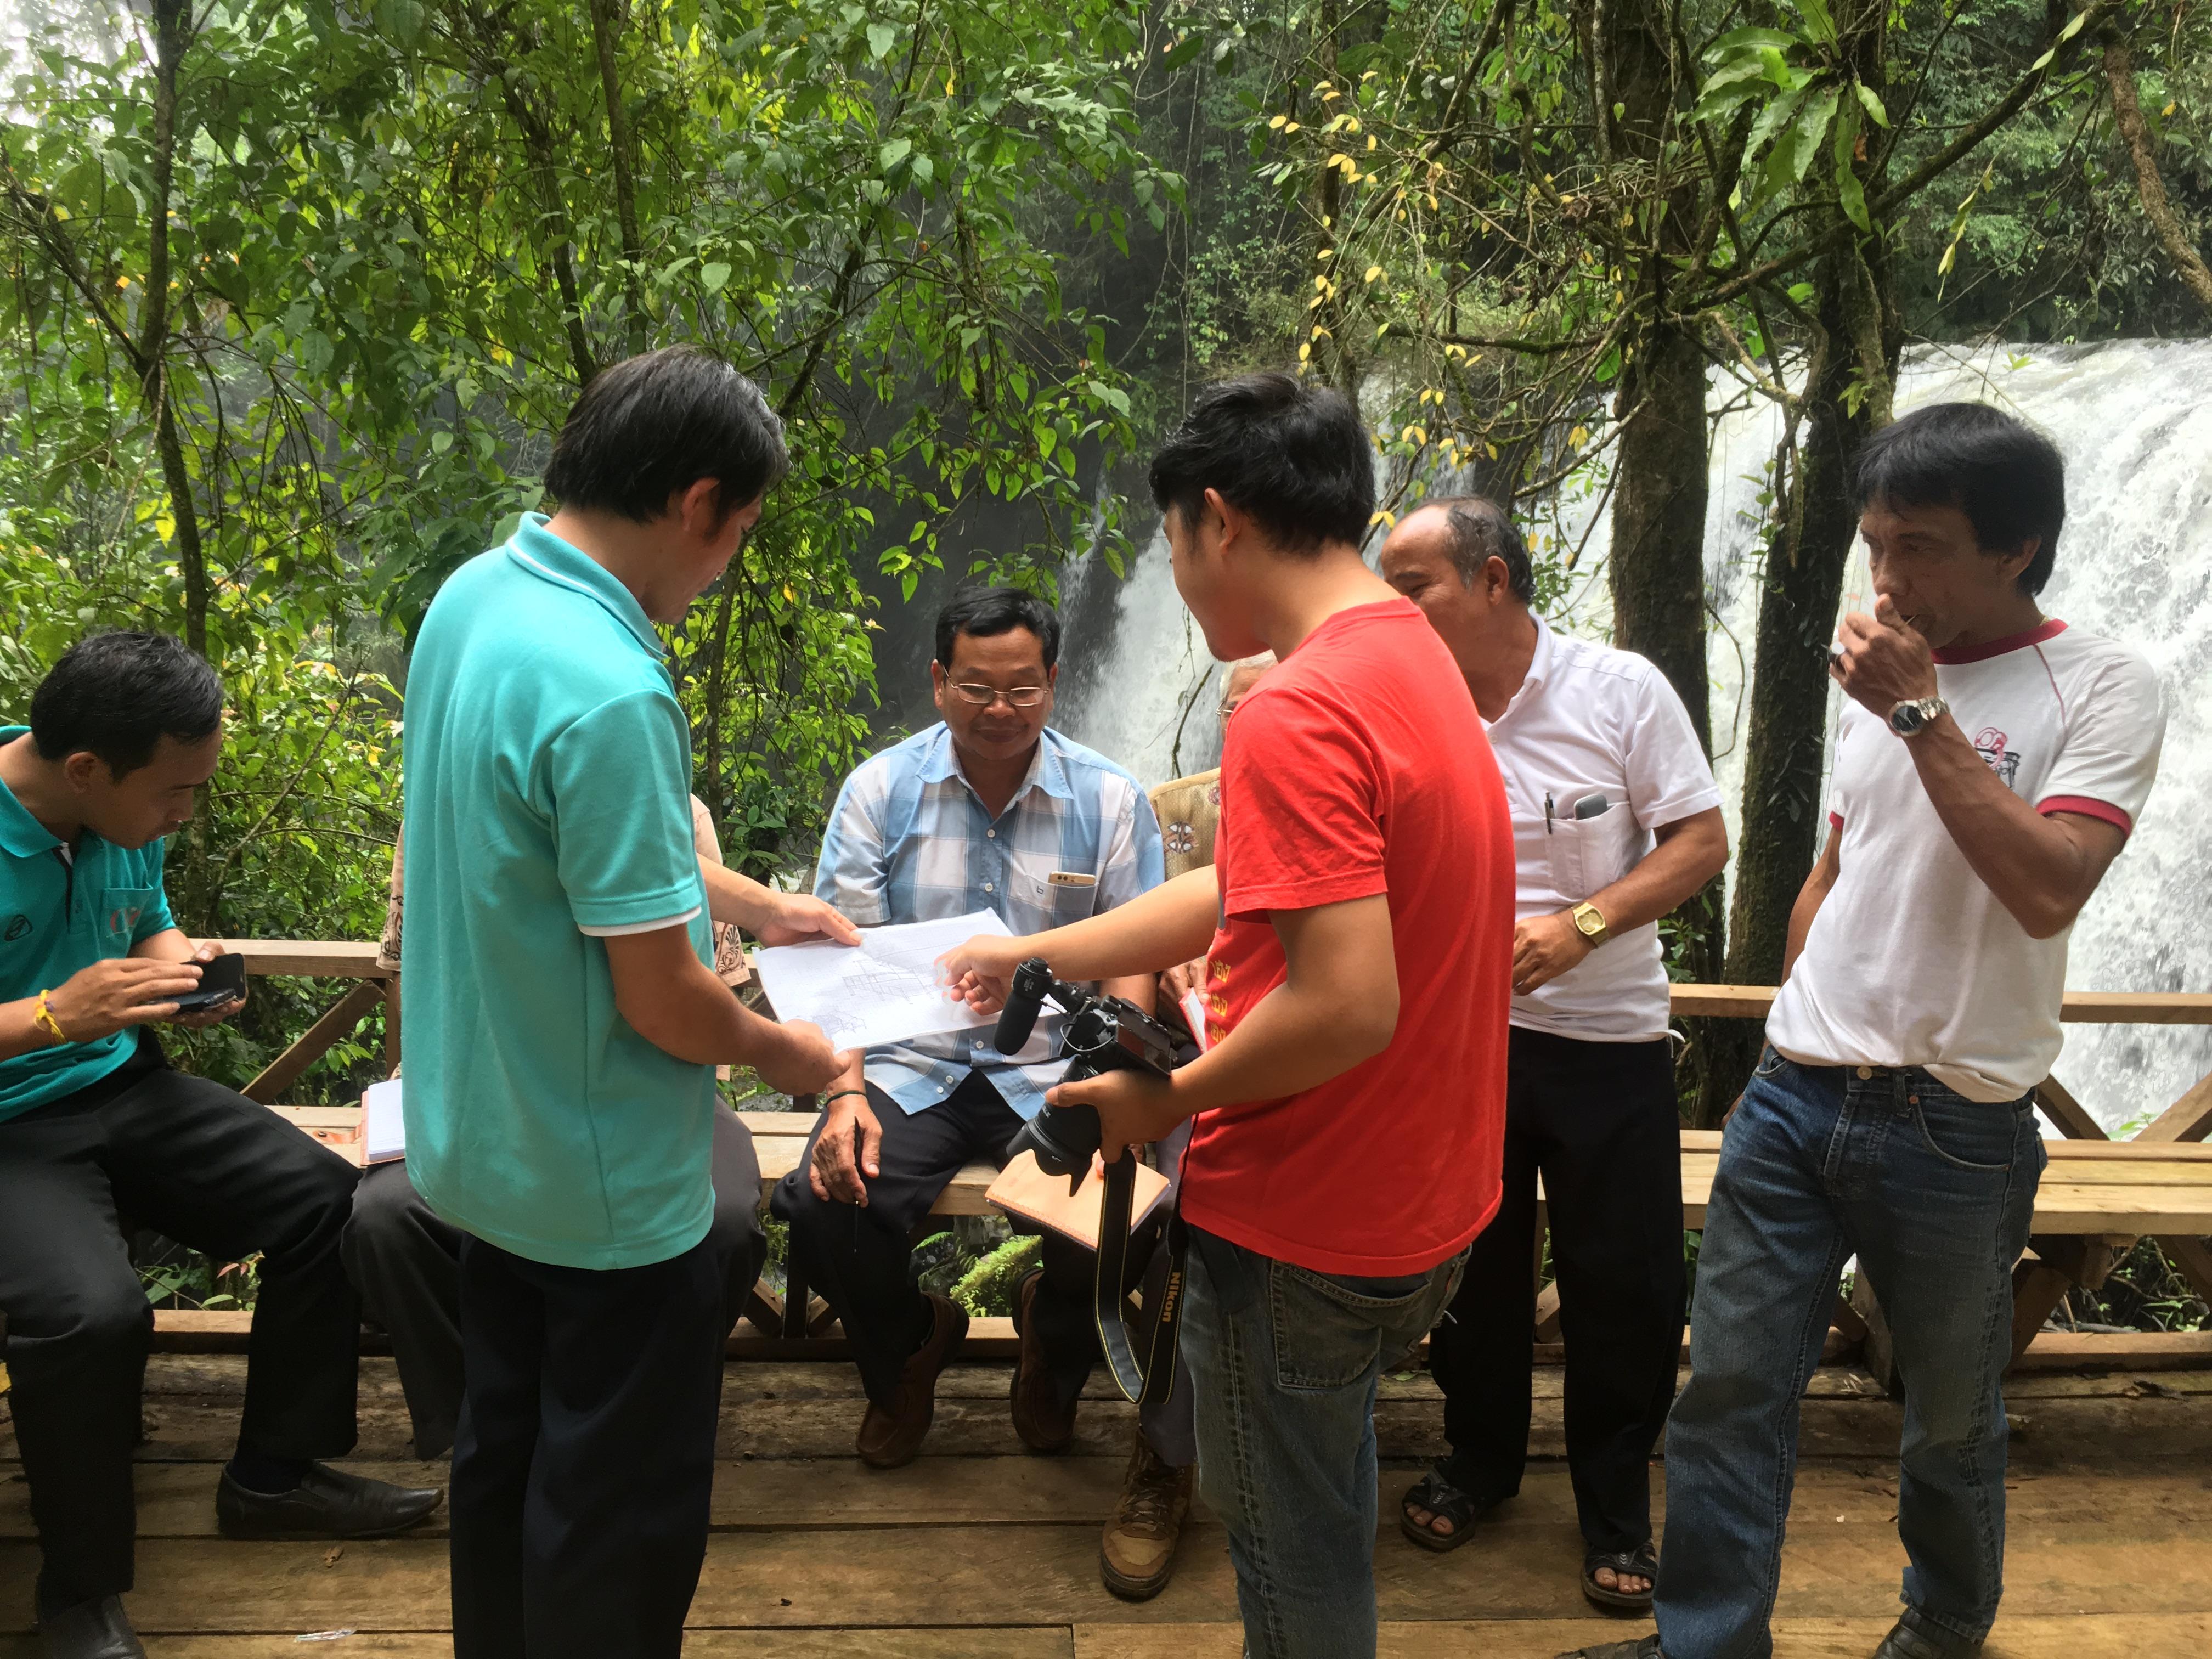 ເລີ້ມແລ້ວ ການສຶກສາກ່ຽວກັບສະຫະກອນກະສິກຳໃນລາວ A study on agricultural cooperatives has been launched